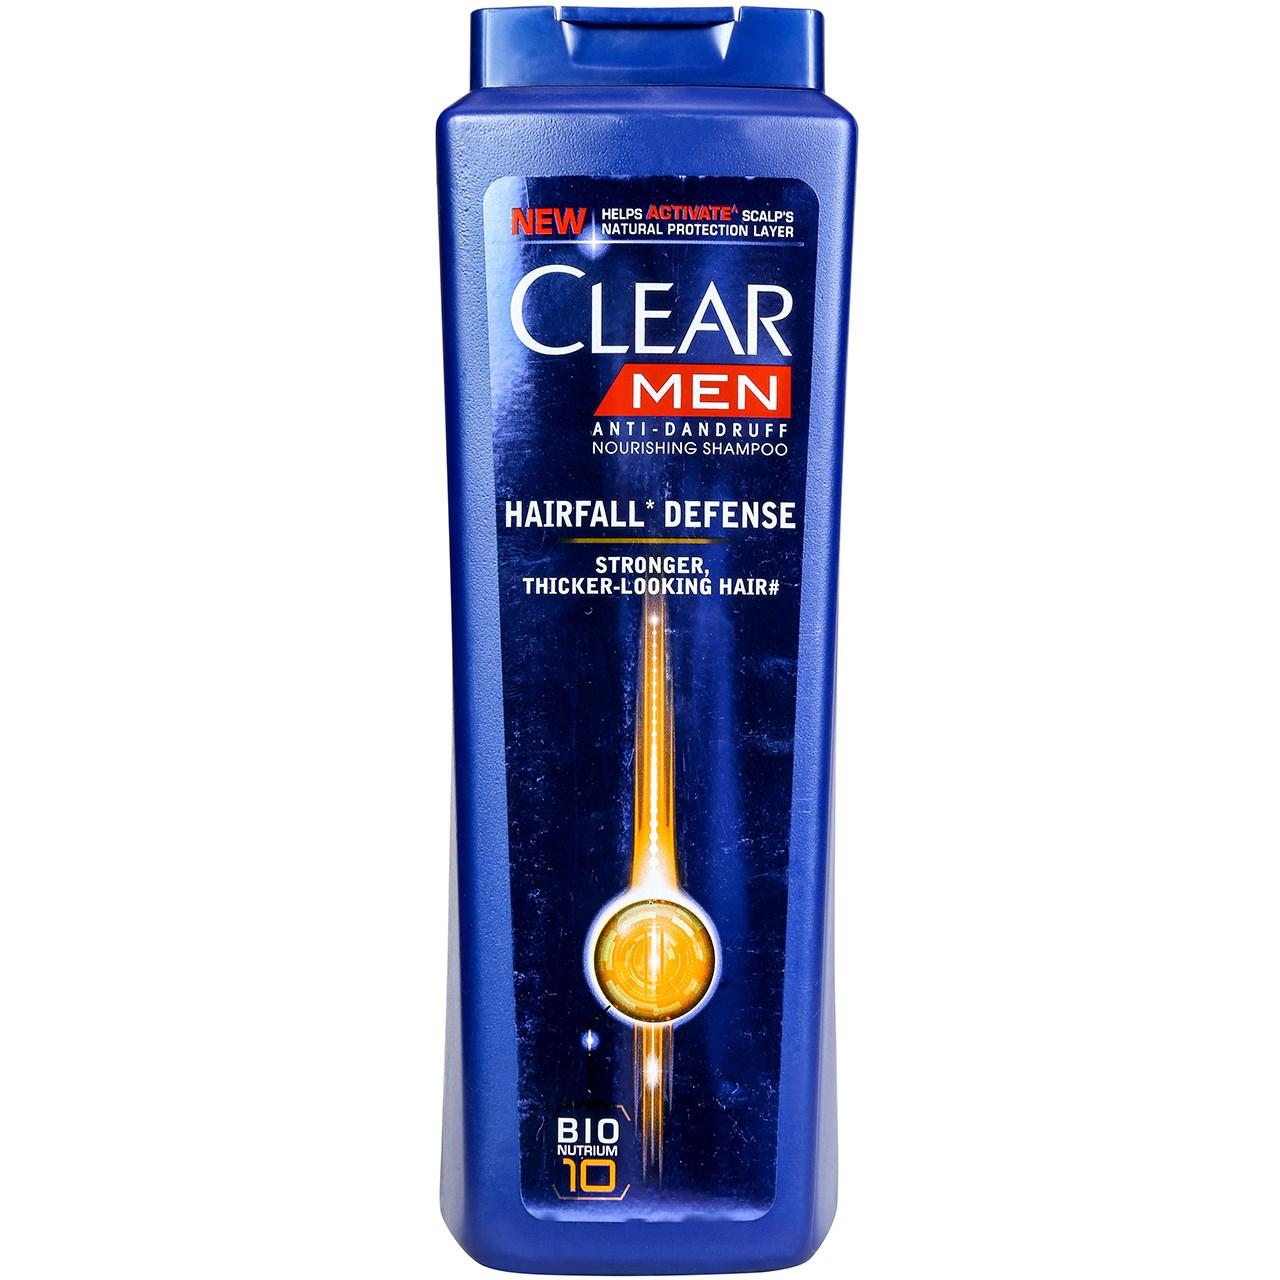 قیمت شامپو ضد شوره مردانه کلیر مدل Hair Fall Defense حجم 600 میلی لیتر